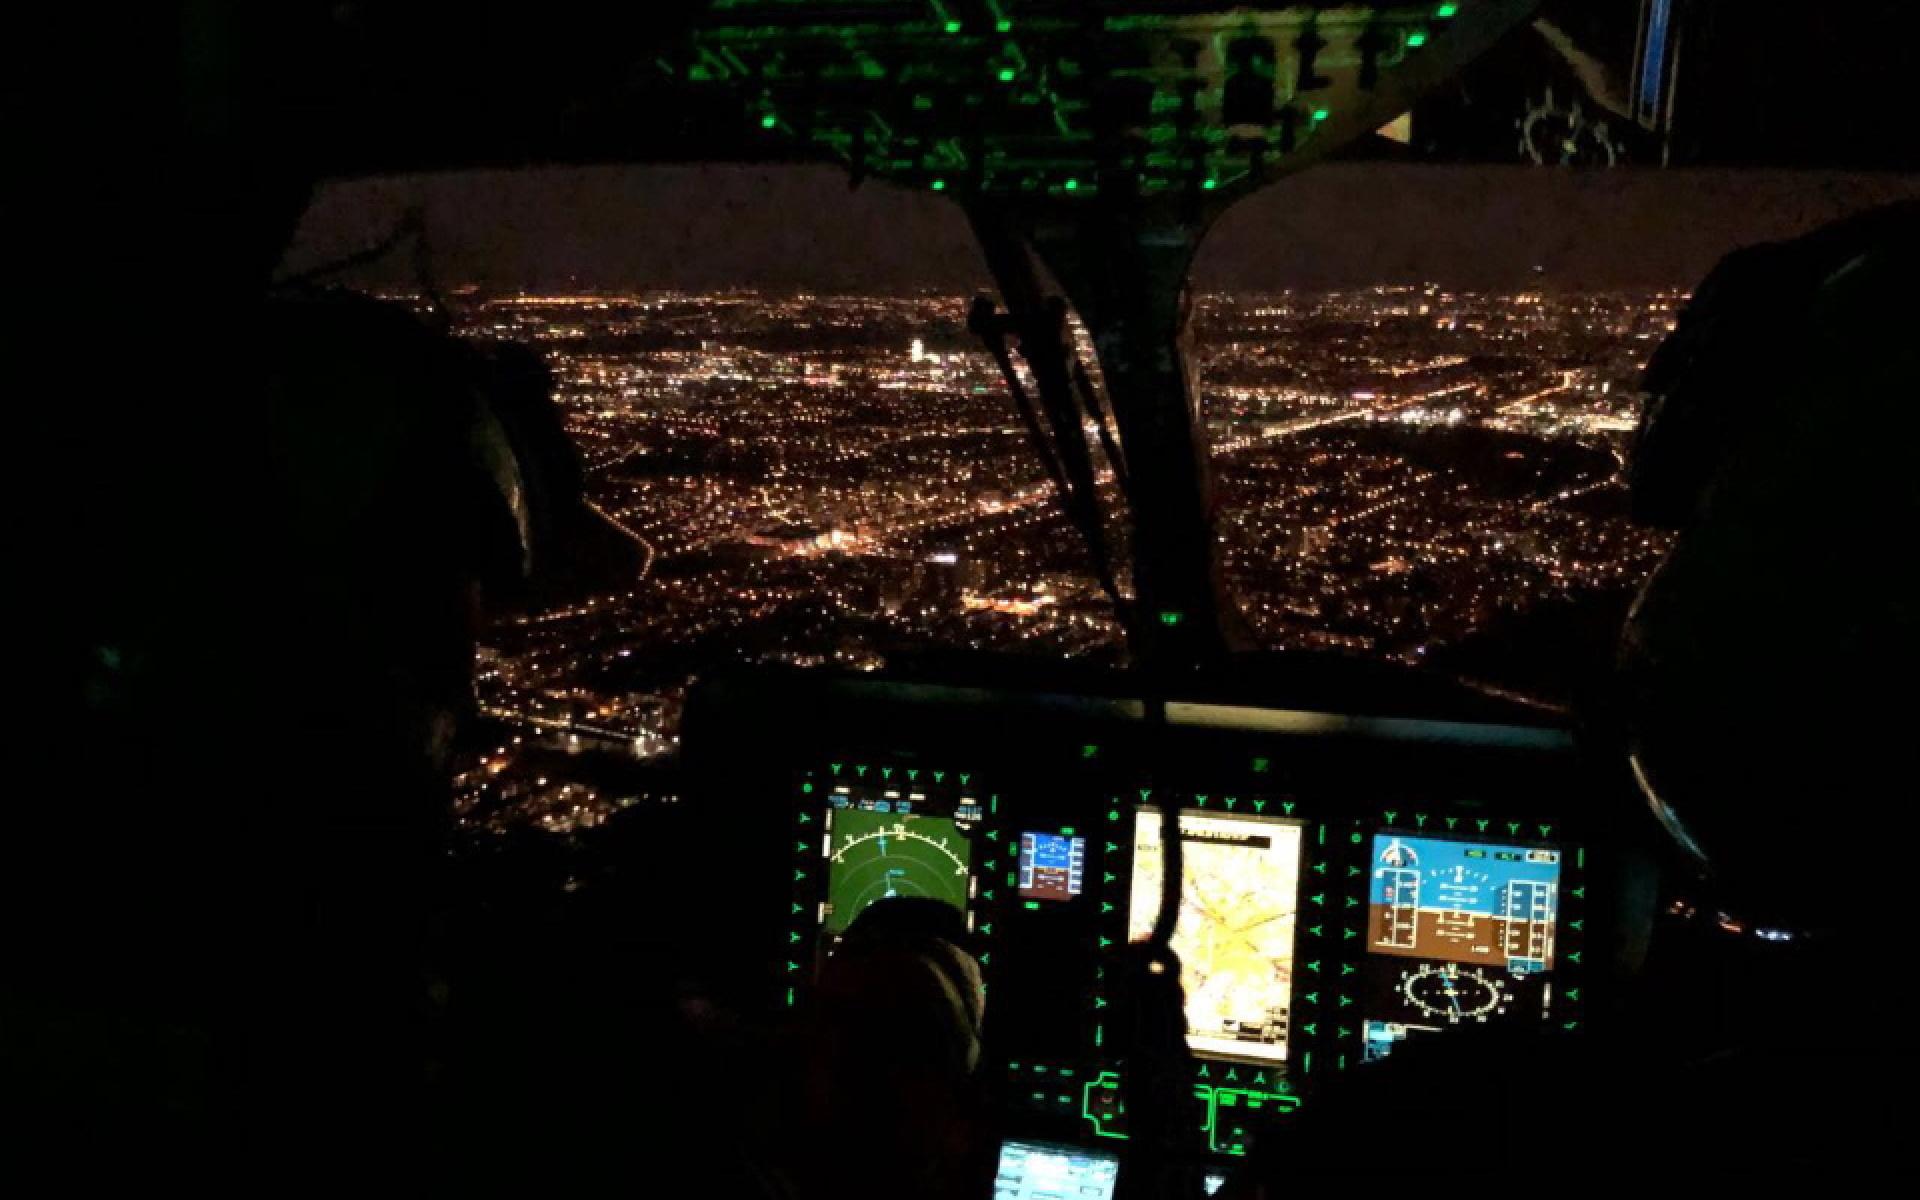 Blick ins Cockpit während eines Intensivtransports bei Nacht.